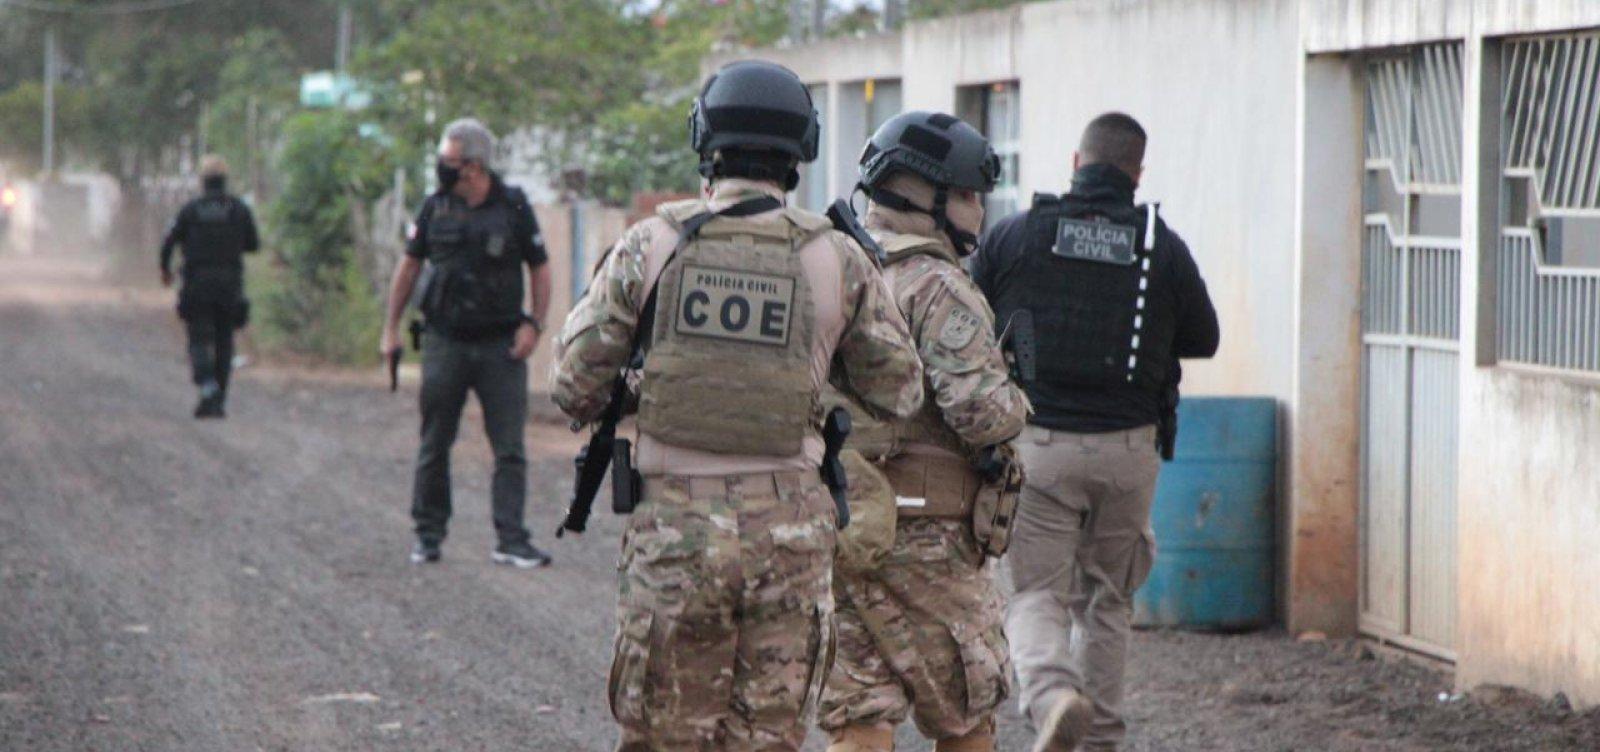 Polícia cumpre mandados de prisão contra suspeitos de ataques a bancos na Bahia